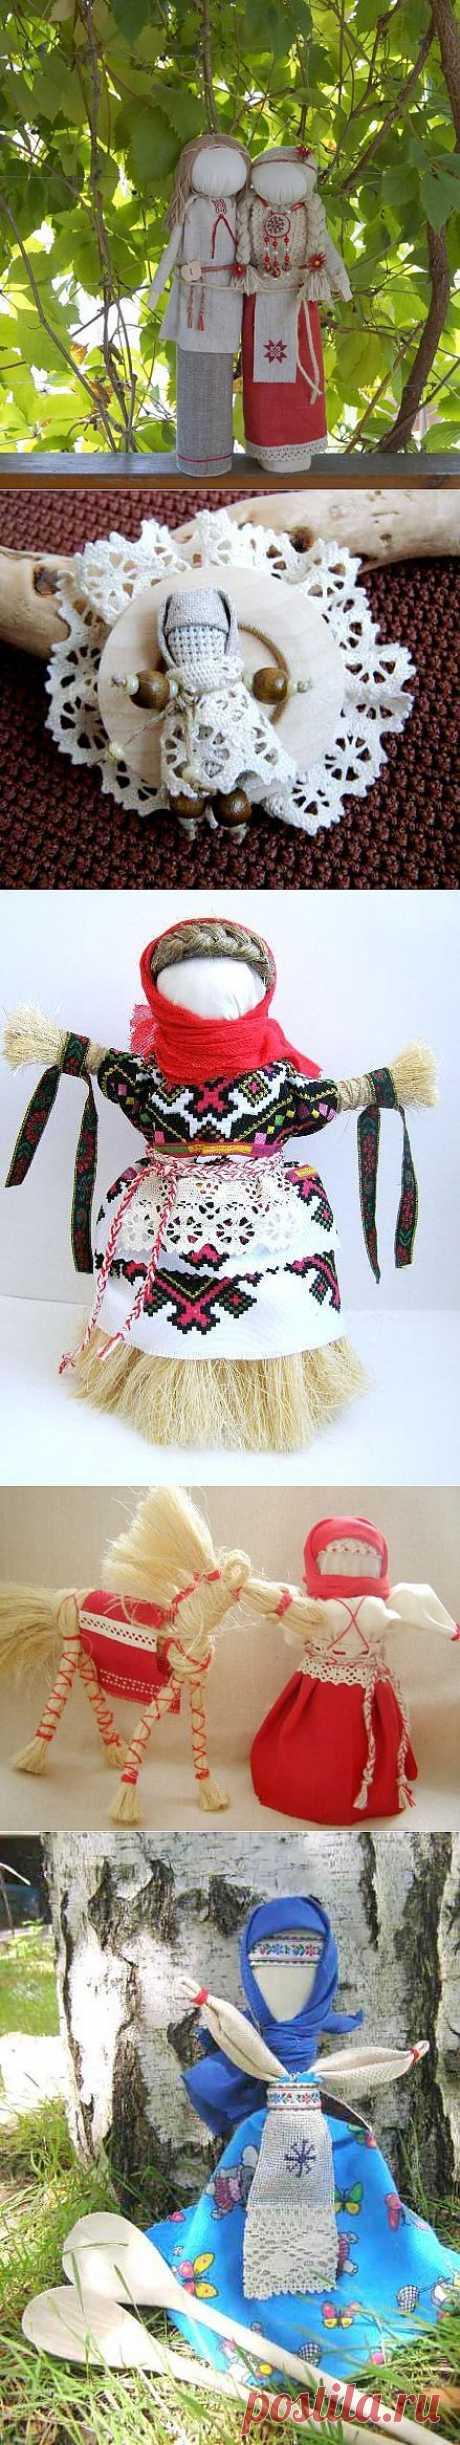 Las Muñecas-guarda en la cultura Eslava. La parte 2 \/ los juguetes Diversos de la labor a mano \/ PassionForum - las clases maestras por la costura